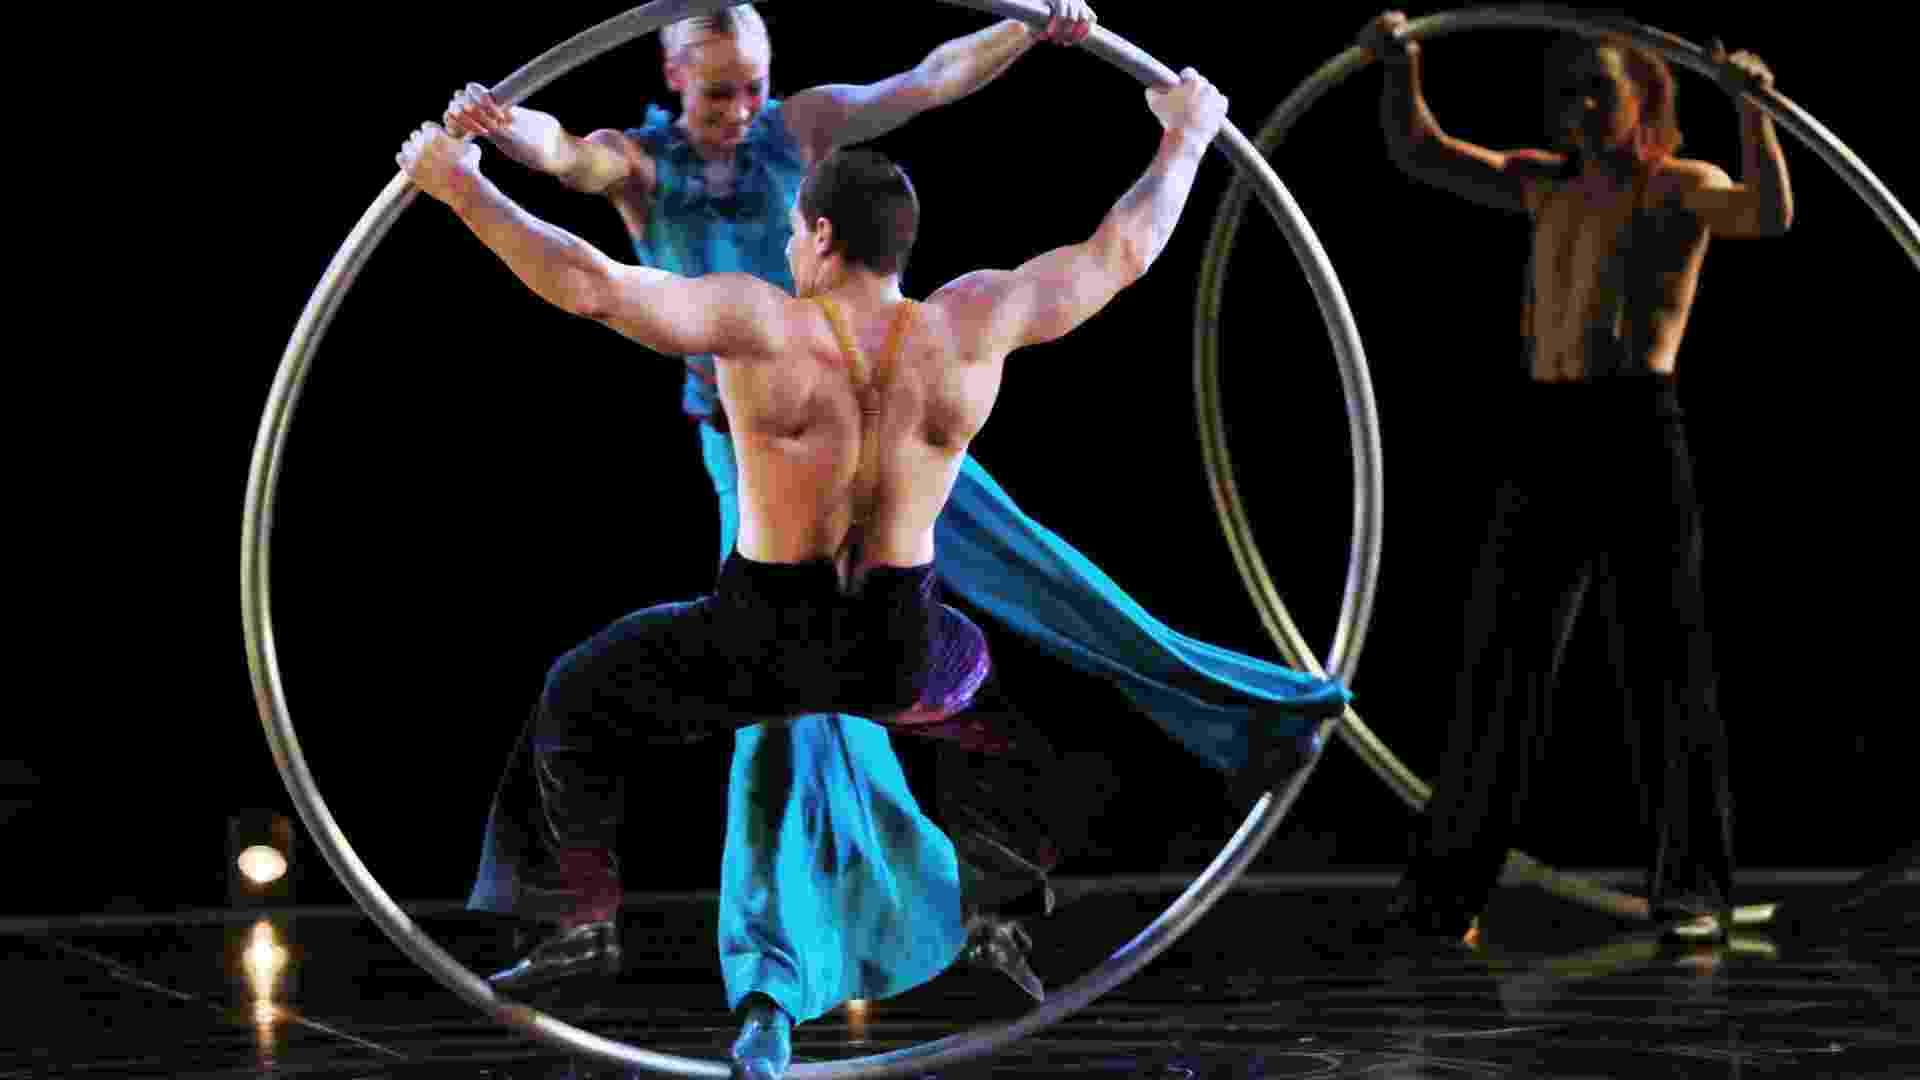 """Em """"Cyr Wheels"""", acrobacias com círculos de ferro representam o ciclo da vida ininterrupto - MRossi/Divulgação Time for Fun"""